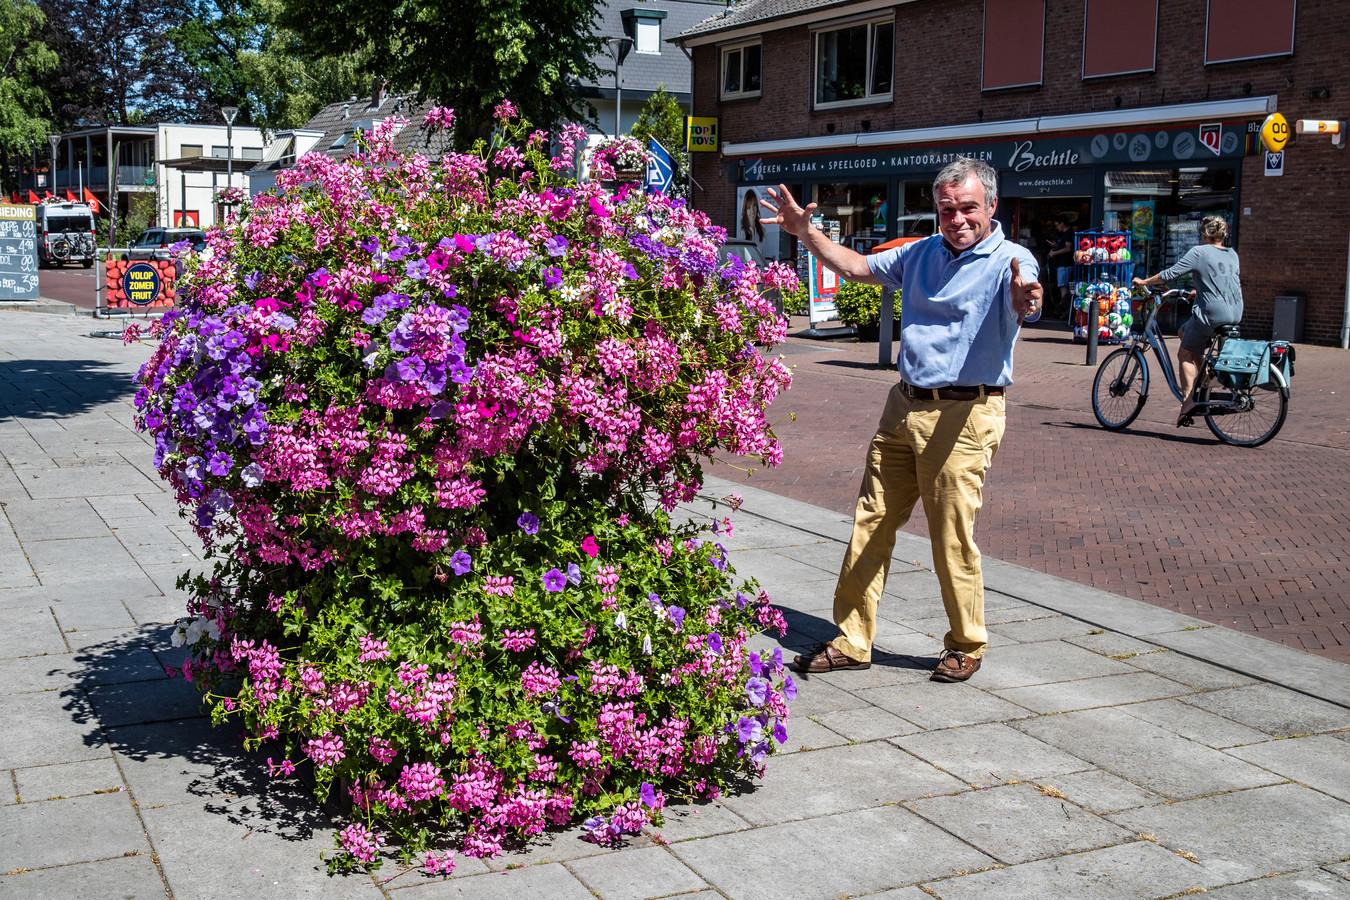 Otto van Harmelen voor één van de bloembakken die al jaren in het centrum van Gorssel staan. Als het aan de Dorpsraad Gorssel ligt komen er door heel Gorssel heen nog veel meer van die bakken.